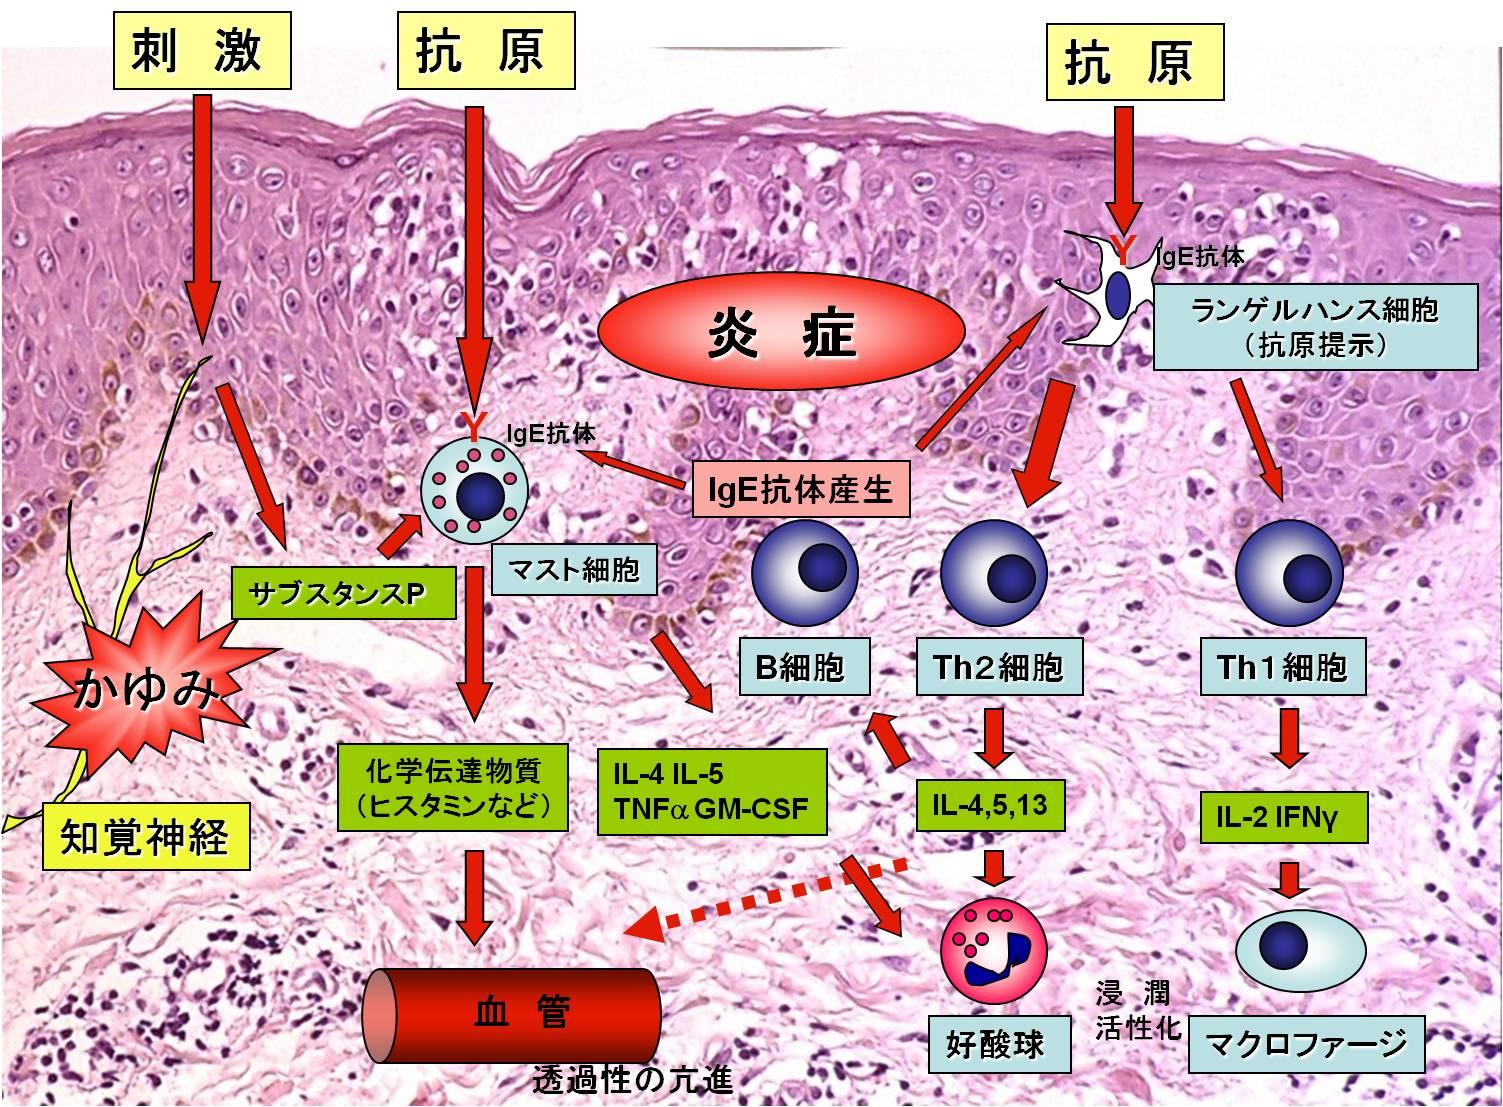 2013年8月教室 『さらに進化する乾癬治療、そしてアトピー性皮膚炎への応用』_c0219616_10554346.jpg